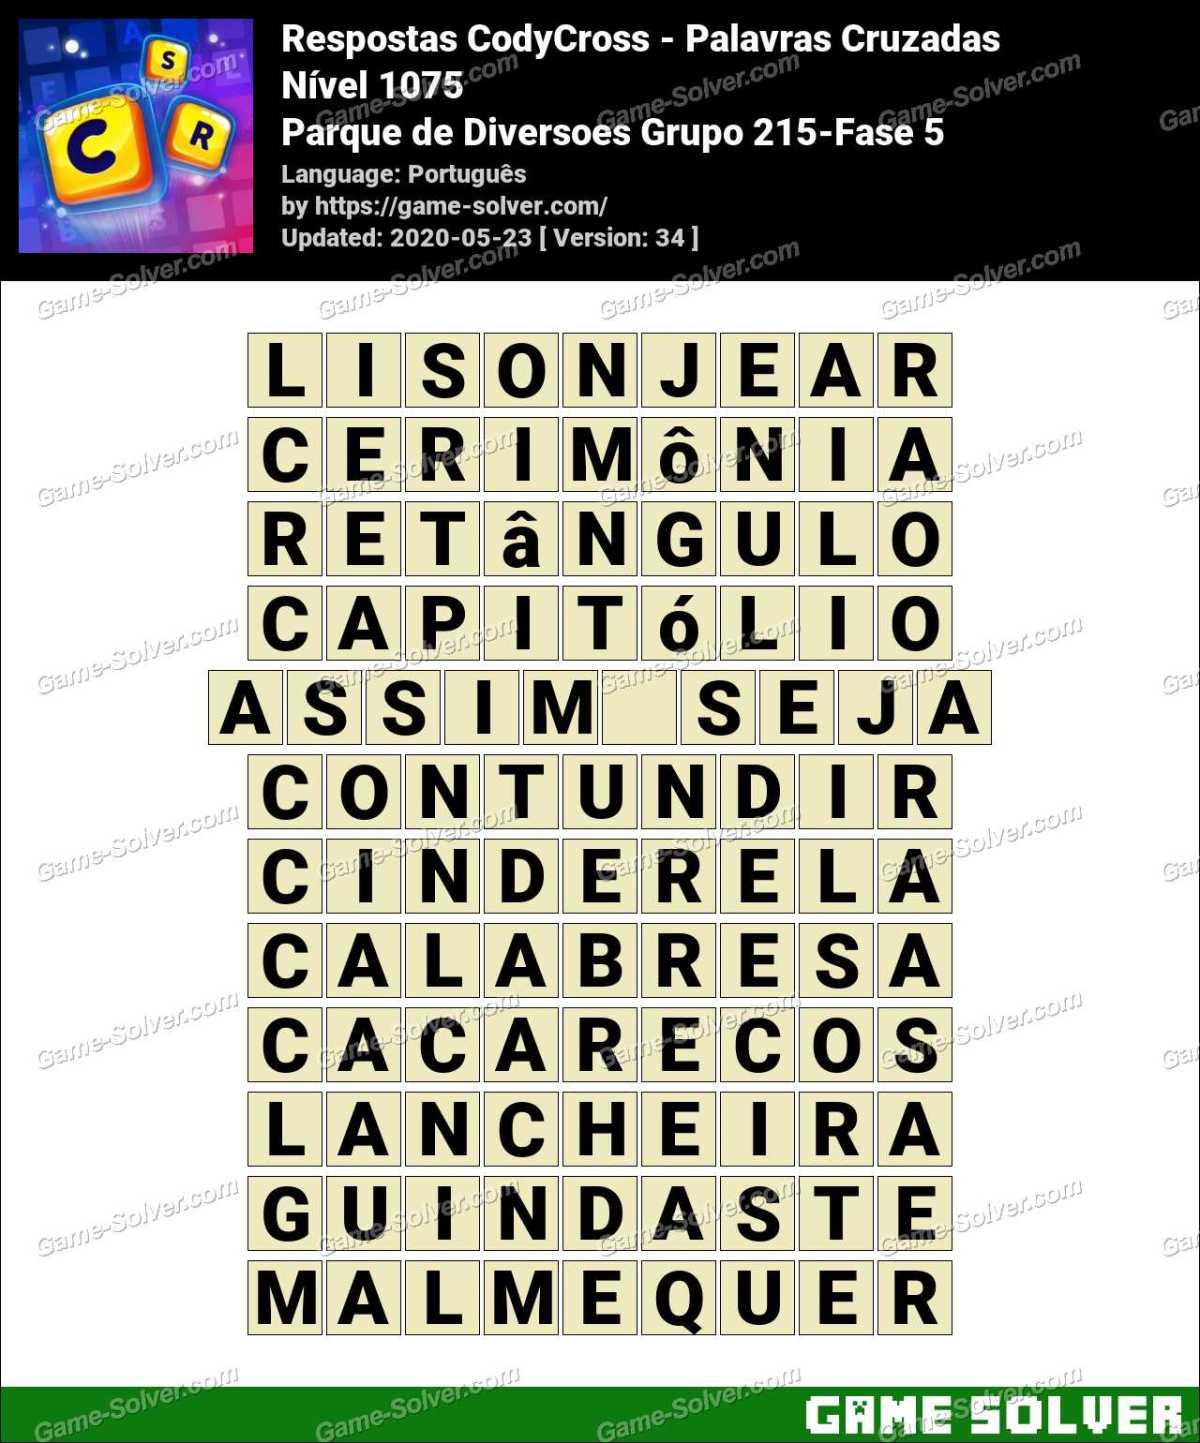 Respostas CodyCross Parque de Diversoes Grupo 215-Fase 5